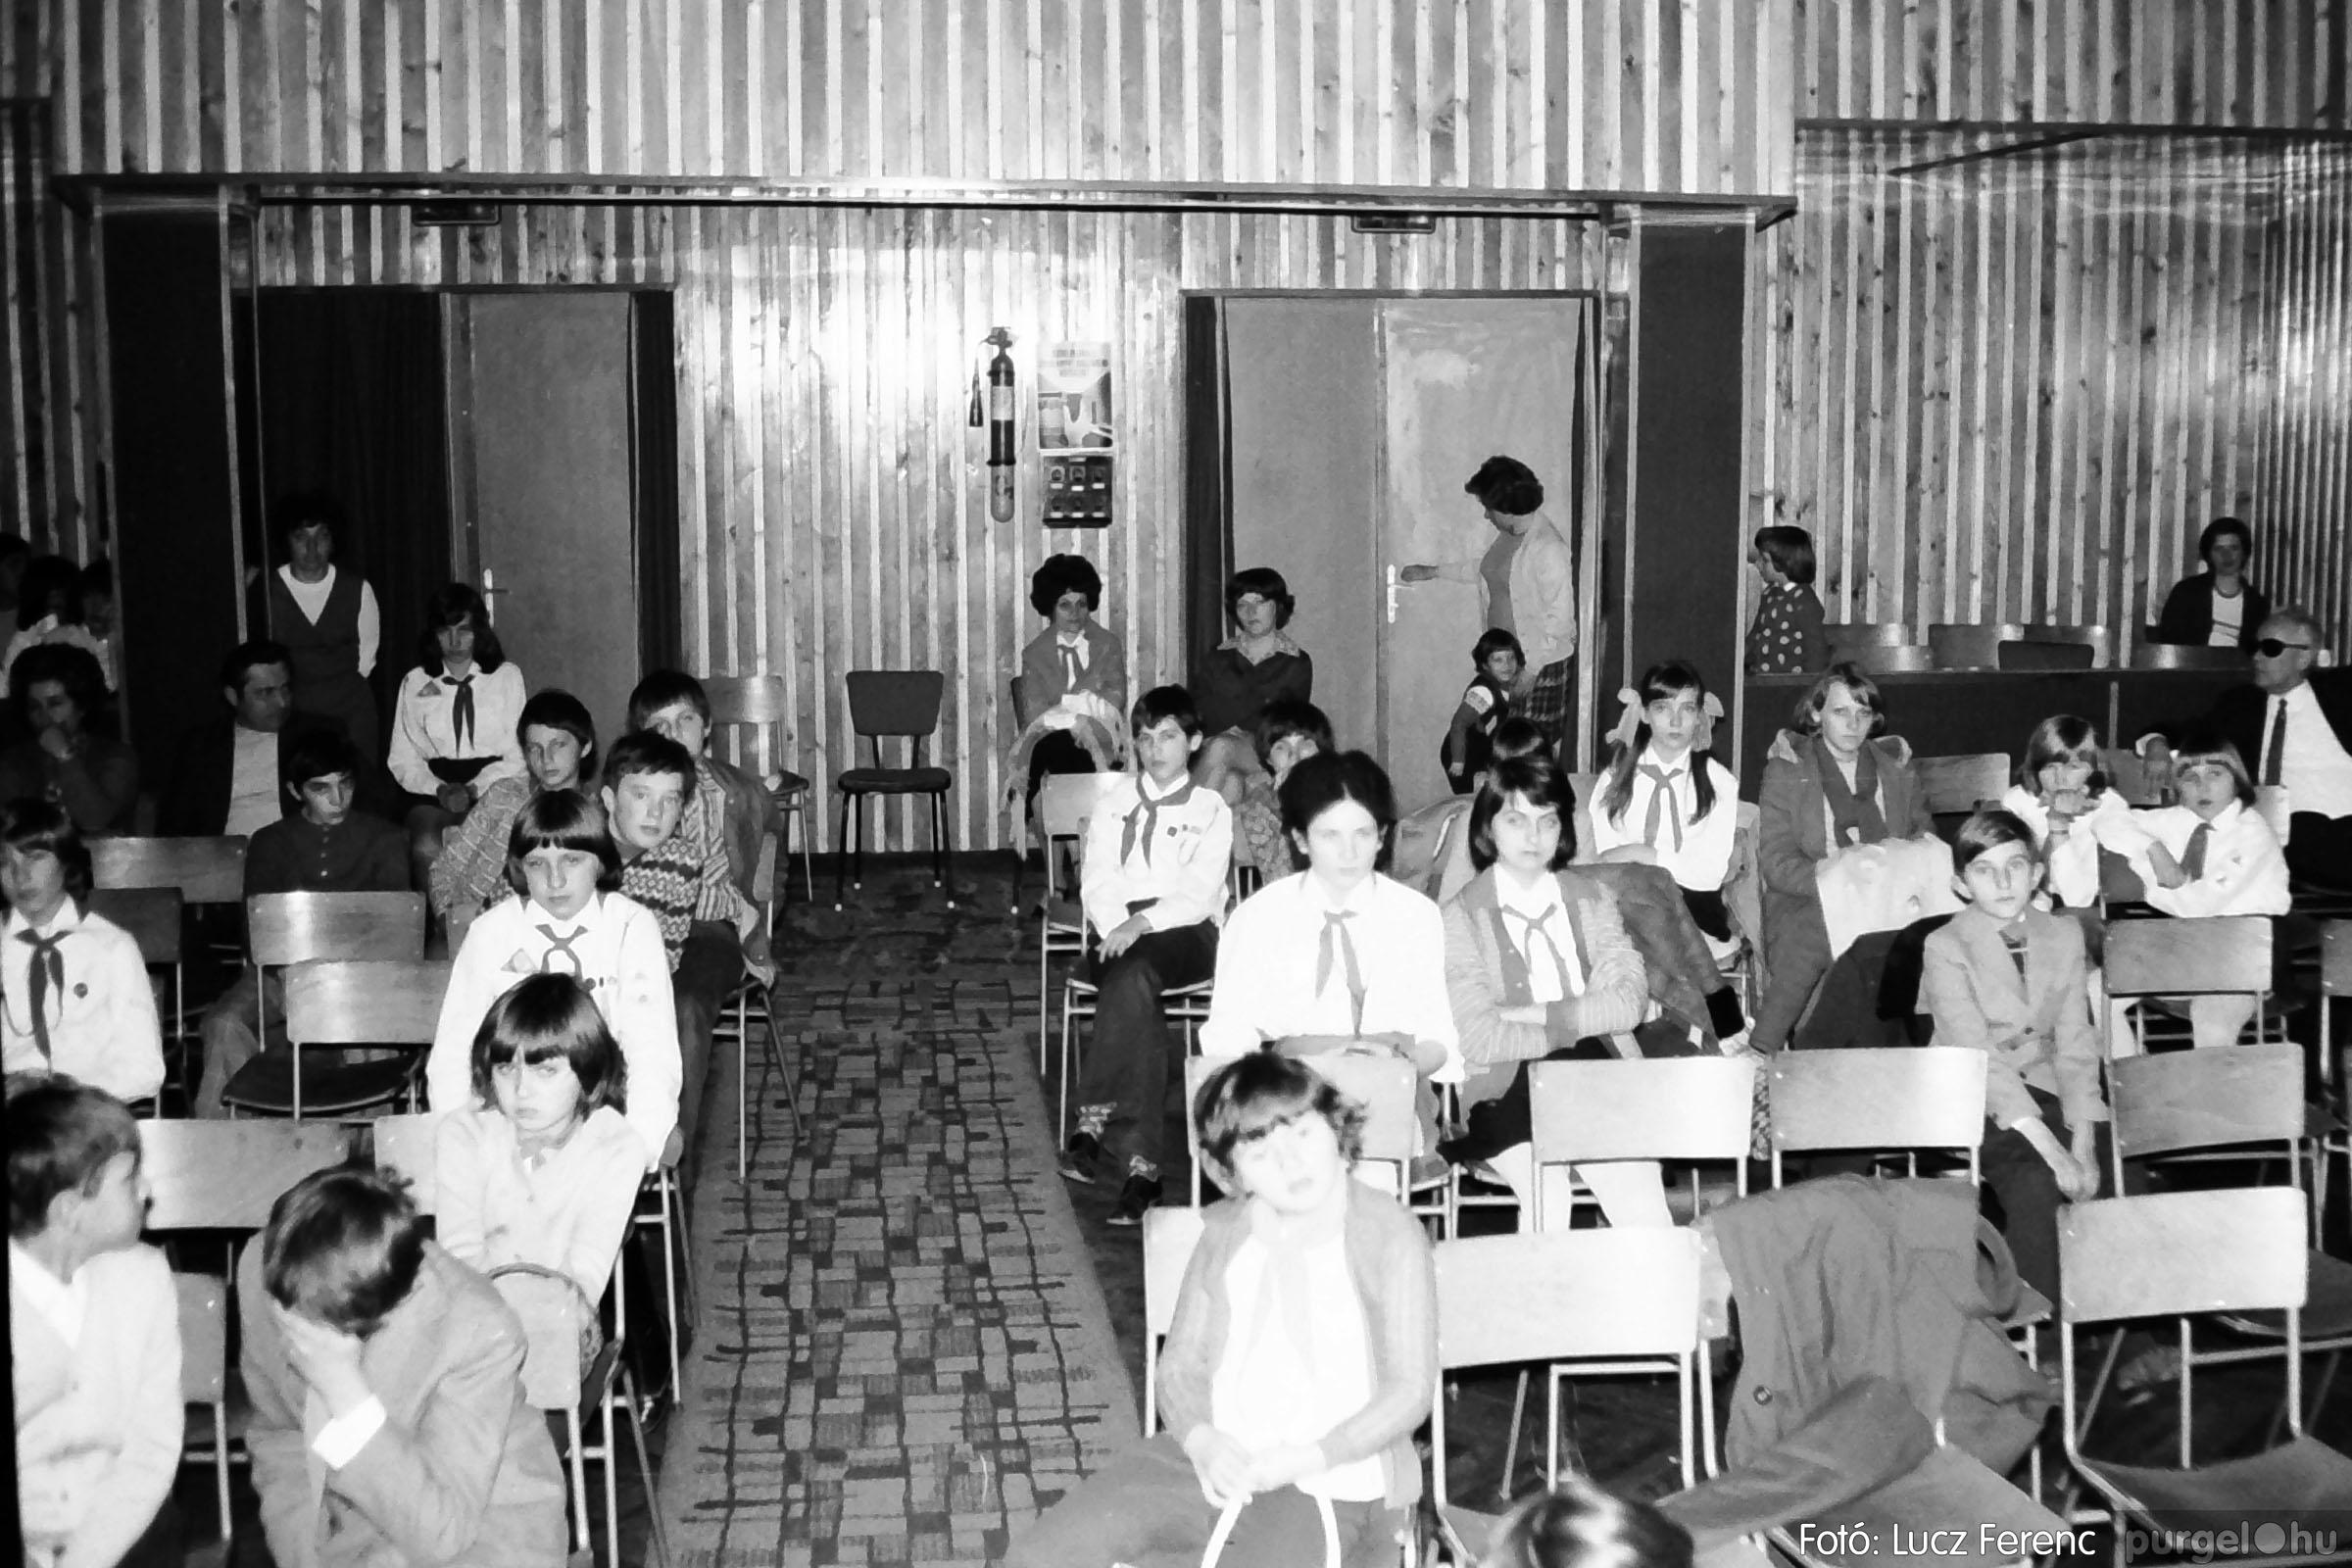 036-037. 1976. Diákprogram a kultúrházban 033 - Fotó: Lucz Ferenc.jpg